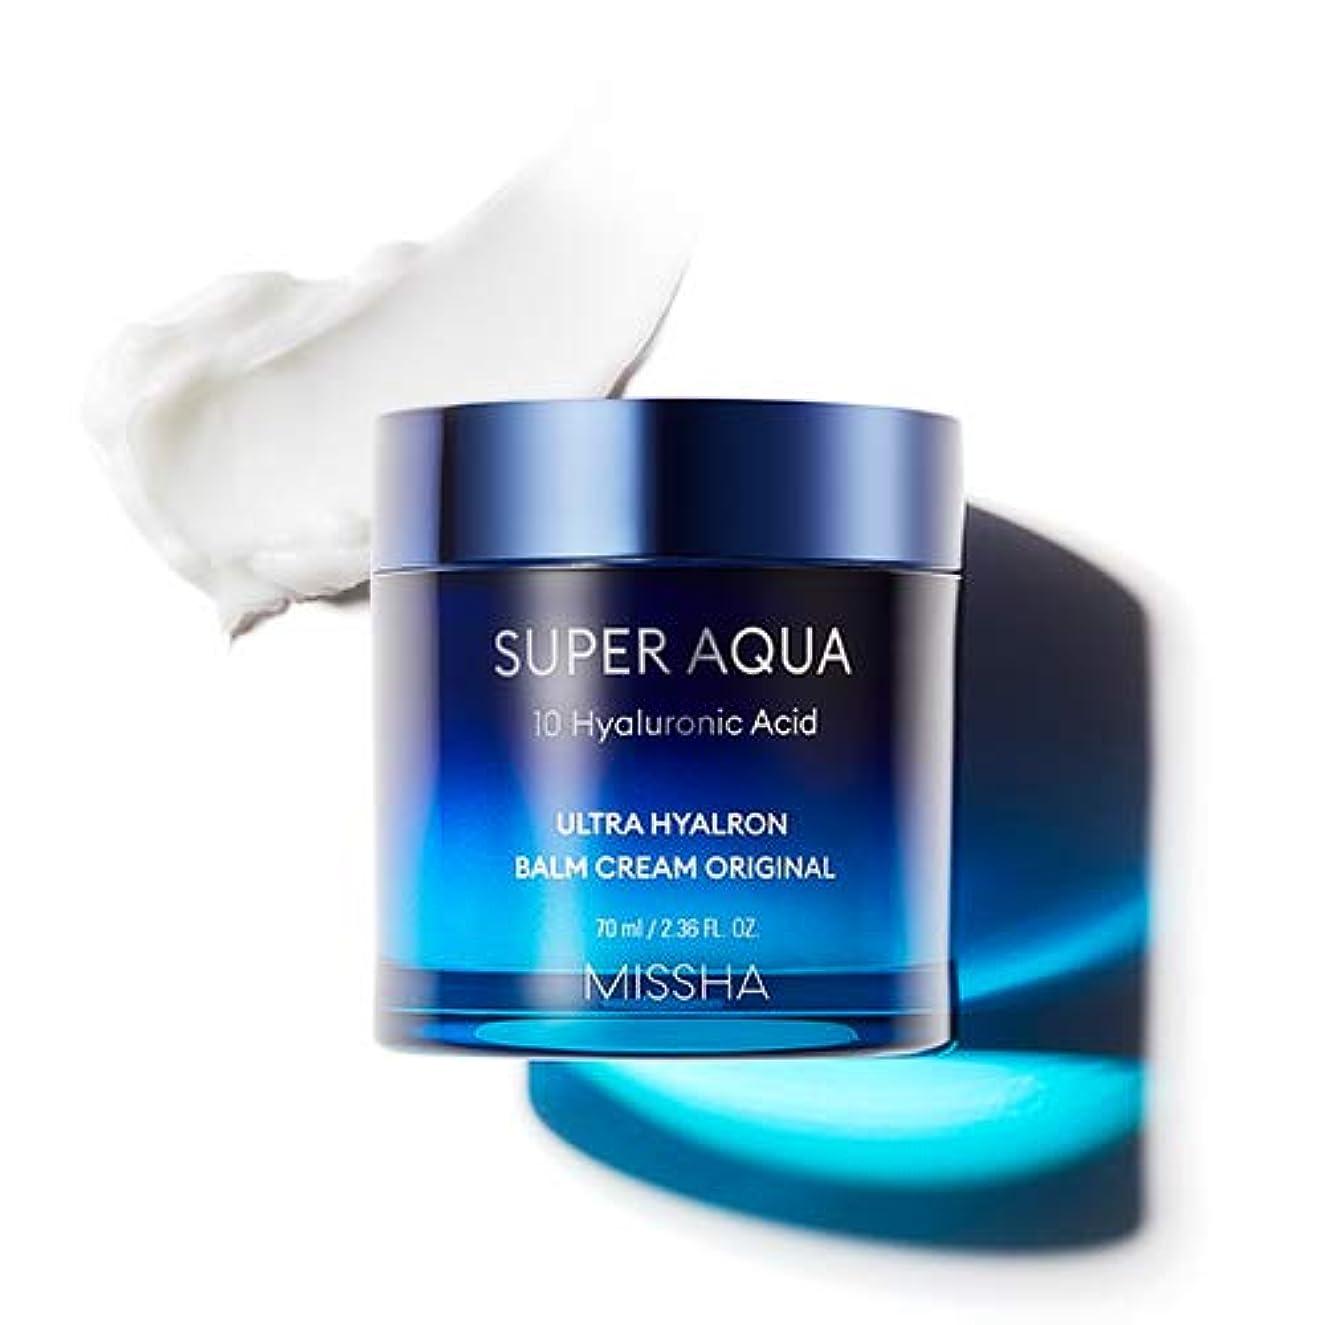 進行中有効複合MISSHA Super Aqua Ultra Hyalron Balm Cream Original ミシャ スーパーアクア ウルトラ ヒアルロン バーム クリーム オリジナル 70ml [並行輸入品]